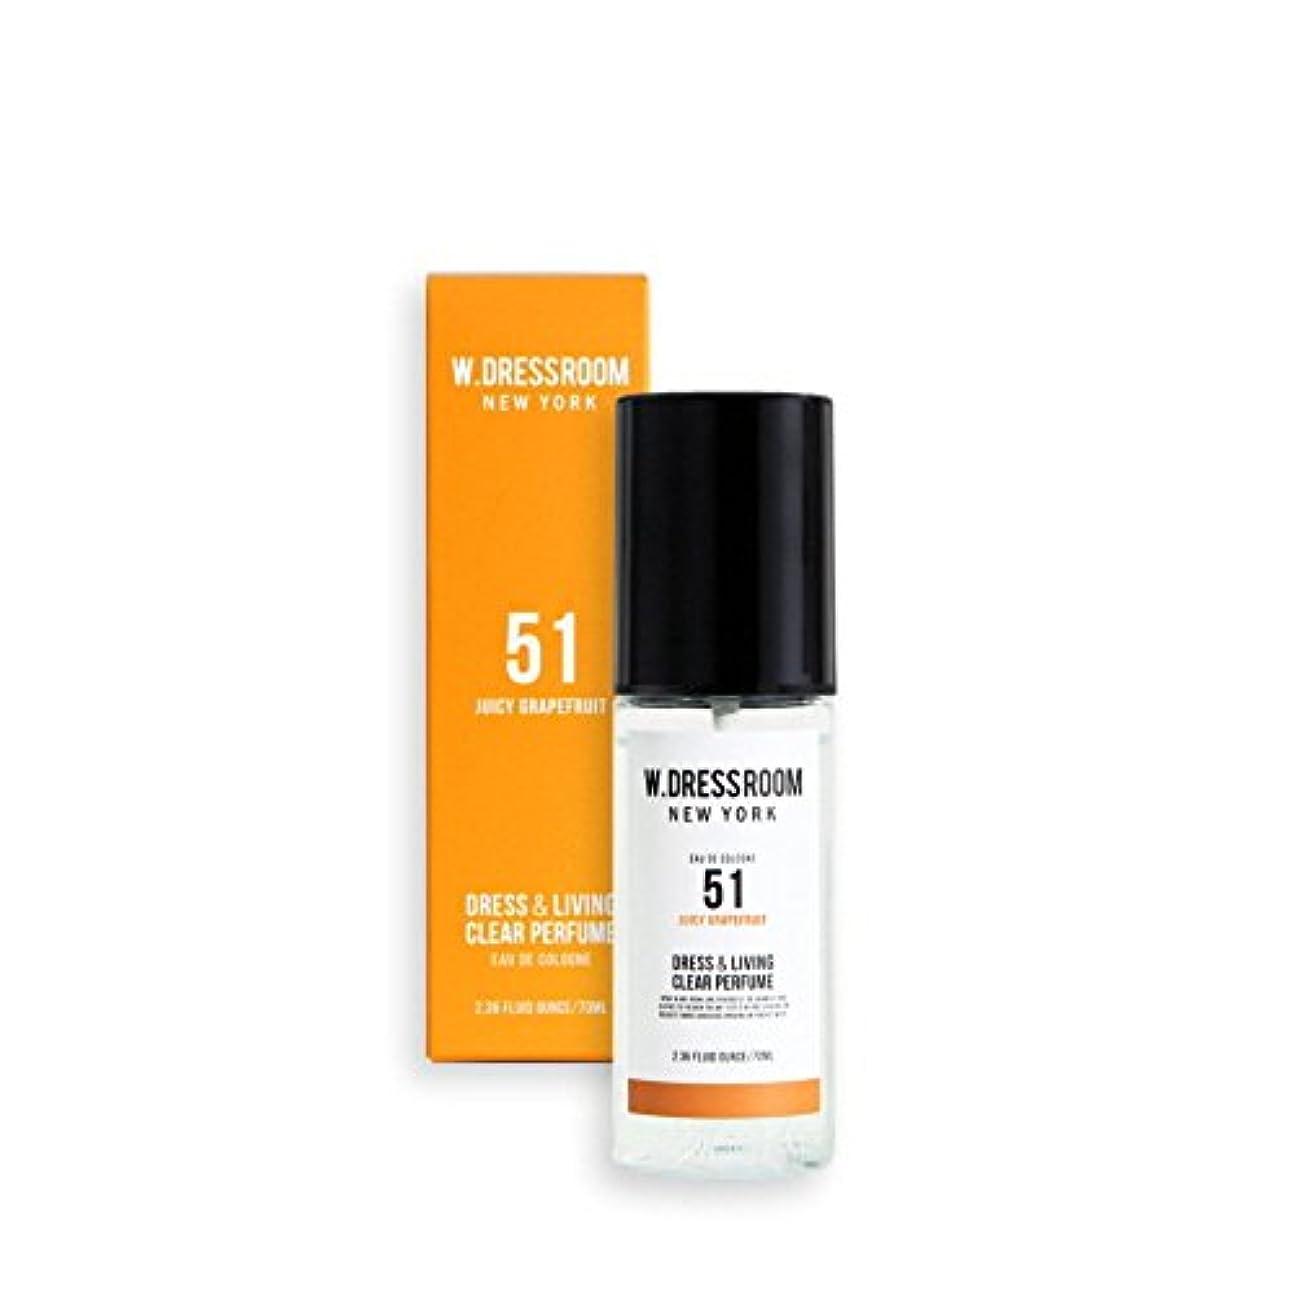 推進、動かす落胆させる破裂W.DRESSROOM Dress & Living Clear Perfume fragrance 70ml (#No.51 Juicy Grapefruit)/ダブルドレスルーム ドレス&リビング クリア パフューム...